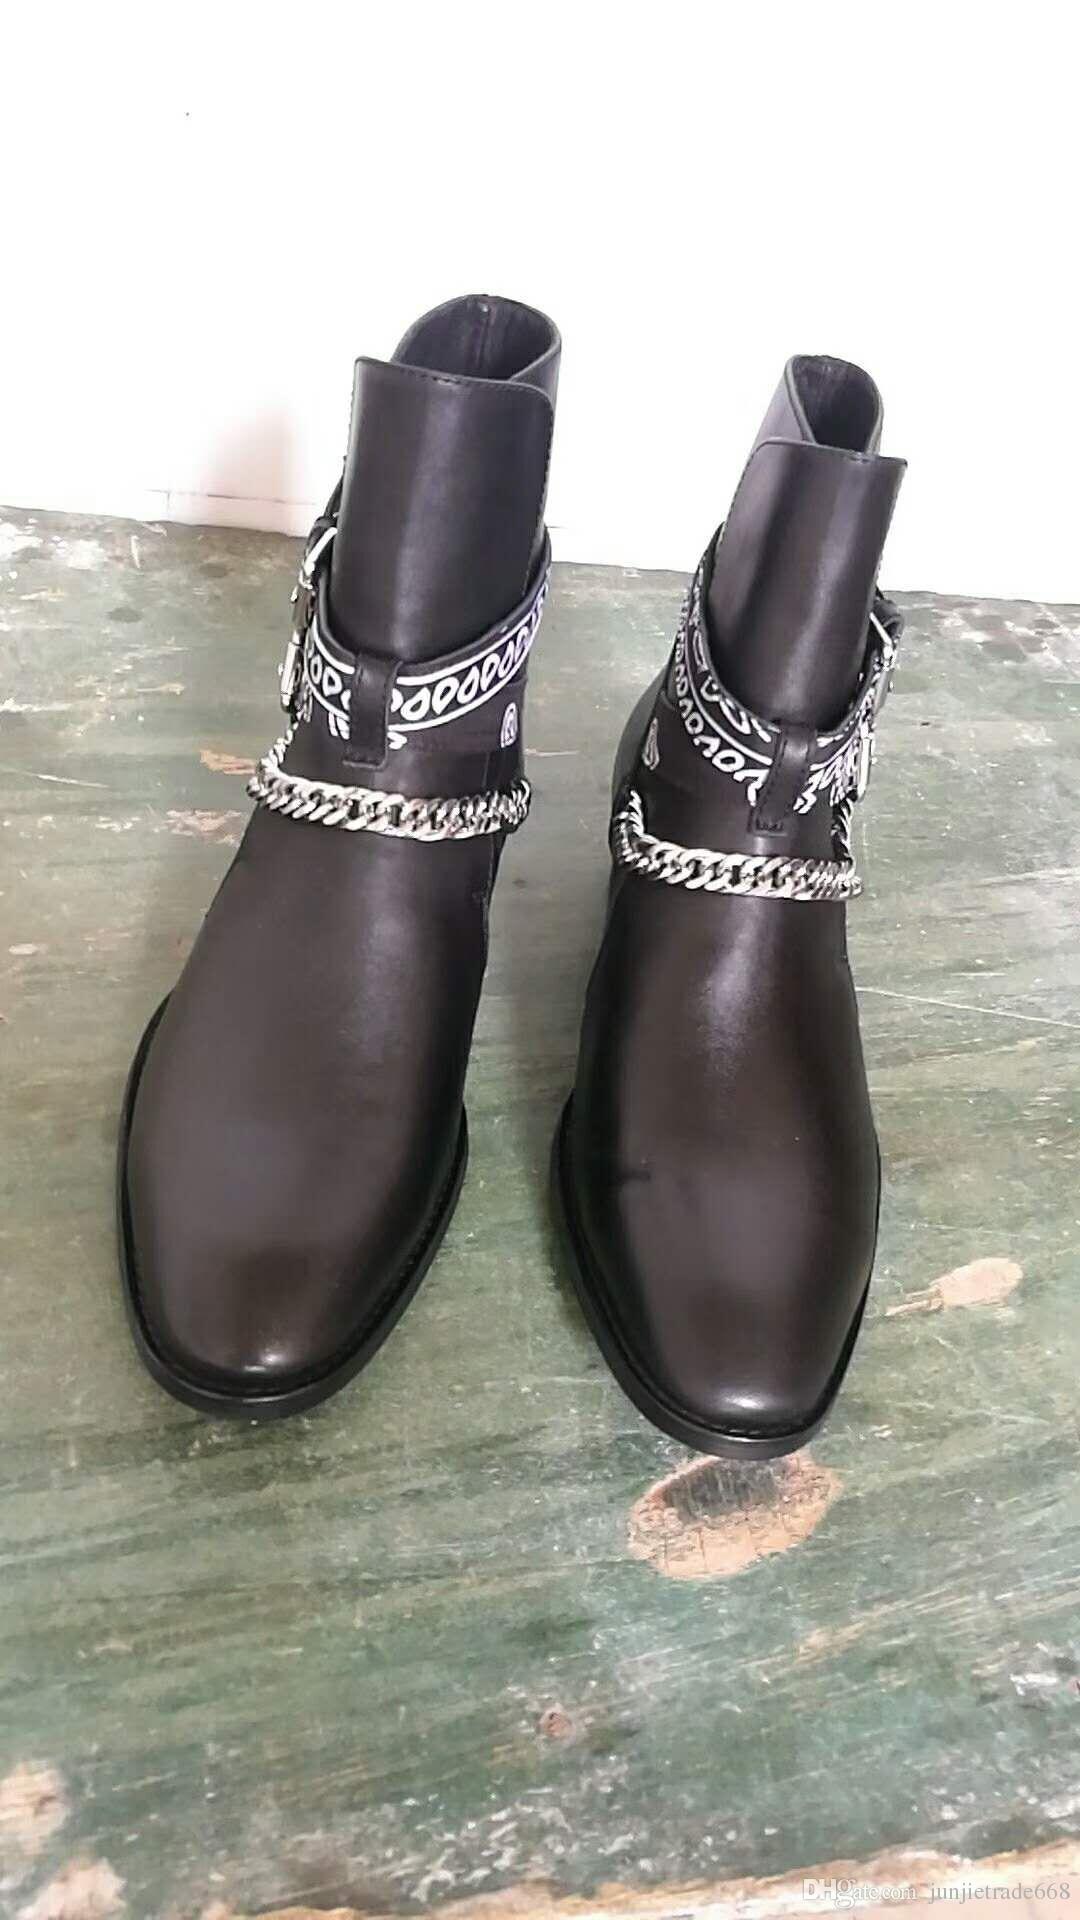 Liste des magasins d'usine nouvelle liste Angleterre bout pointu wyatt Chelsea hommes bottes Boucle Strap slp cheville luxe daim cowboy slp bottes